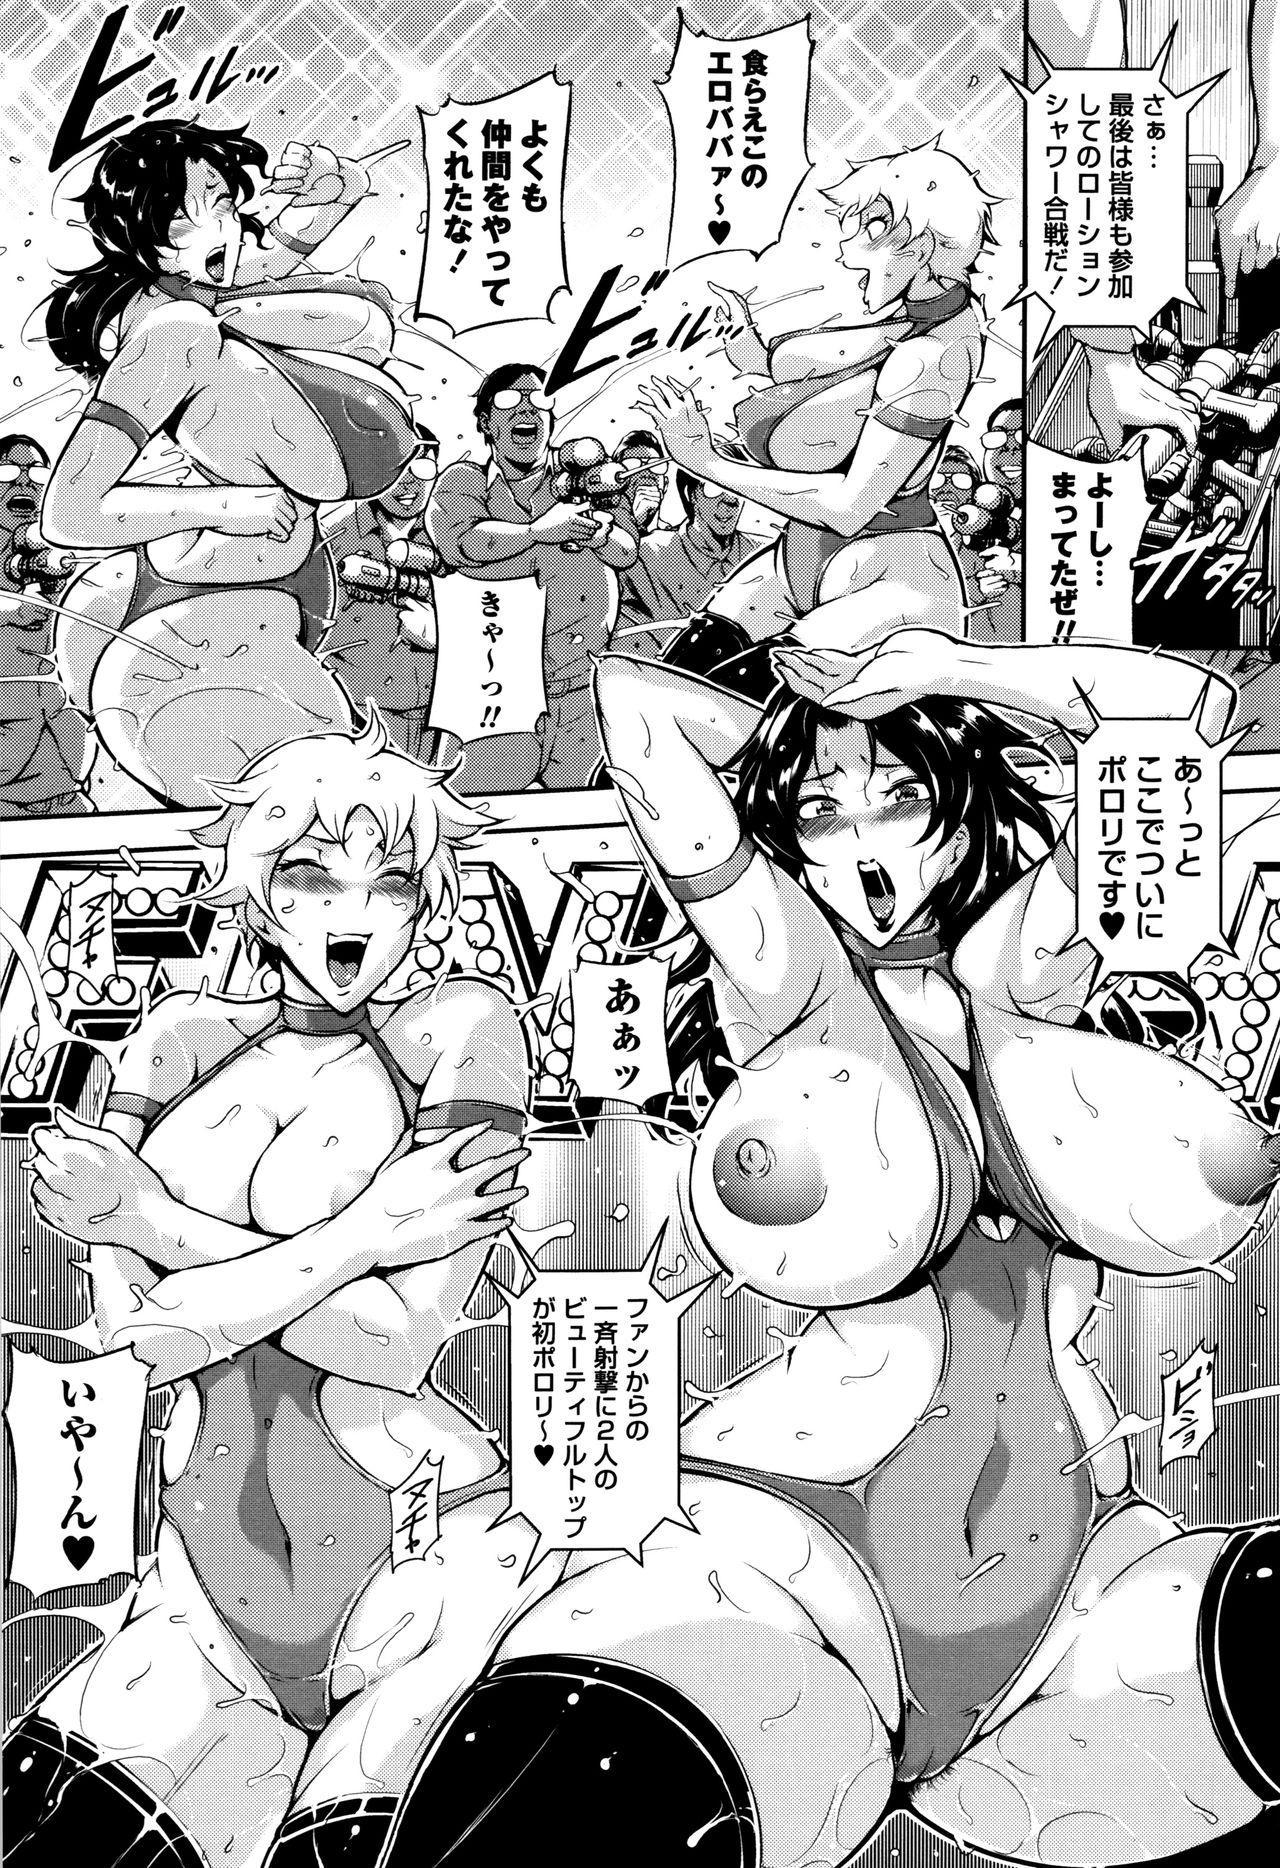 Ero BBA ♥ Dosukebe Ha Sengen 56